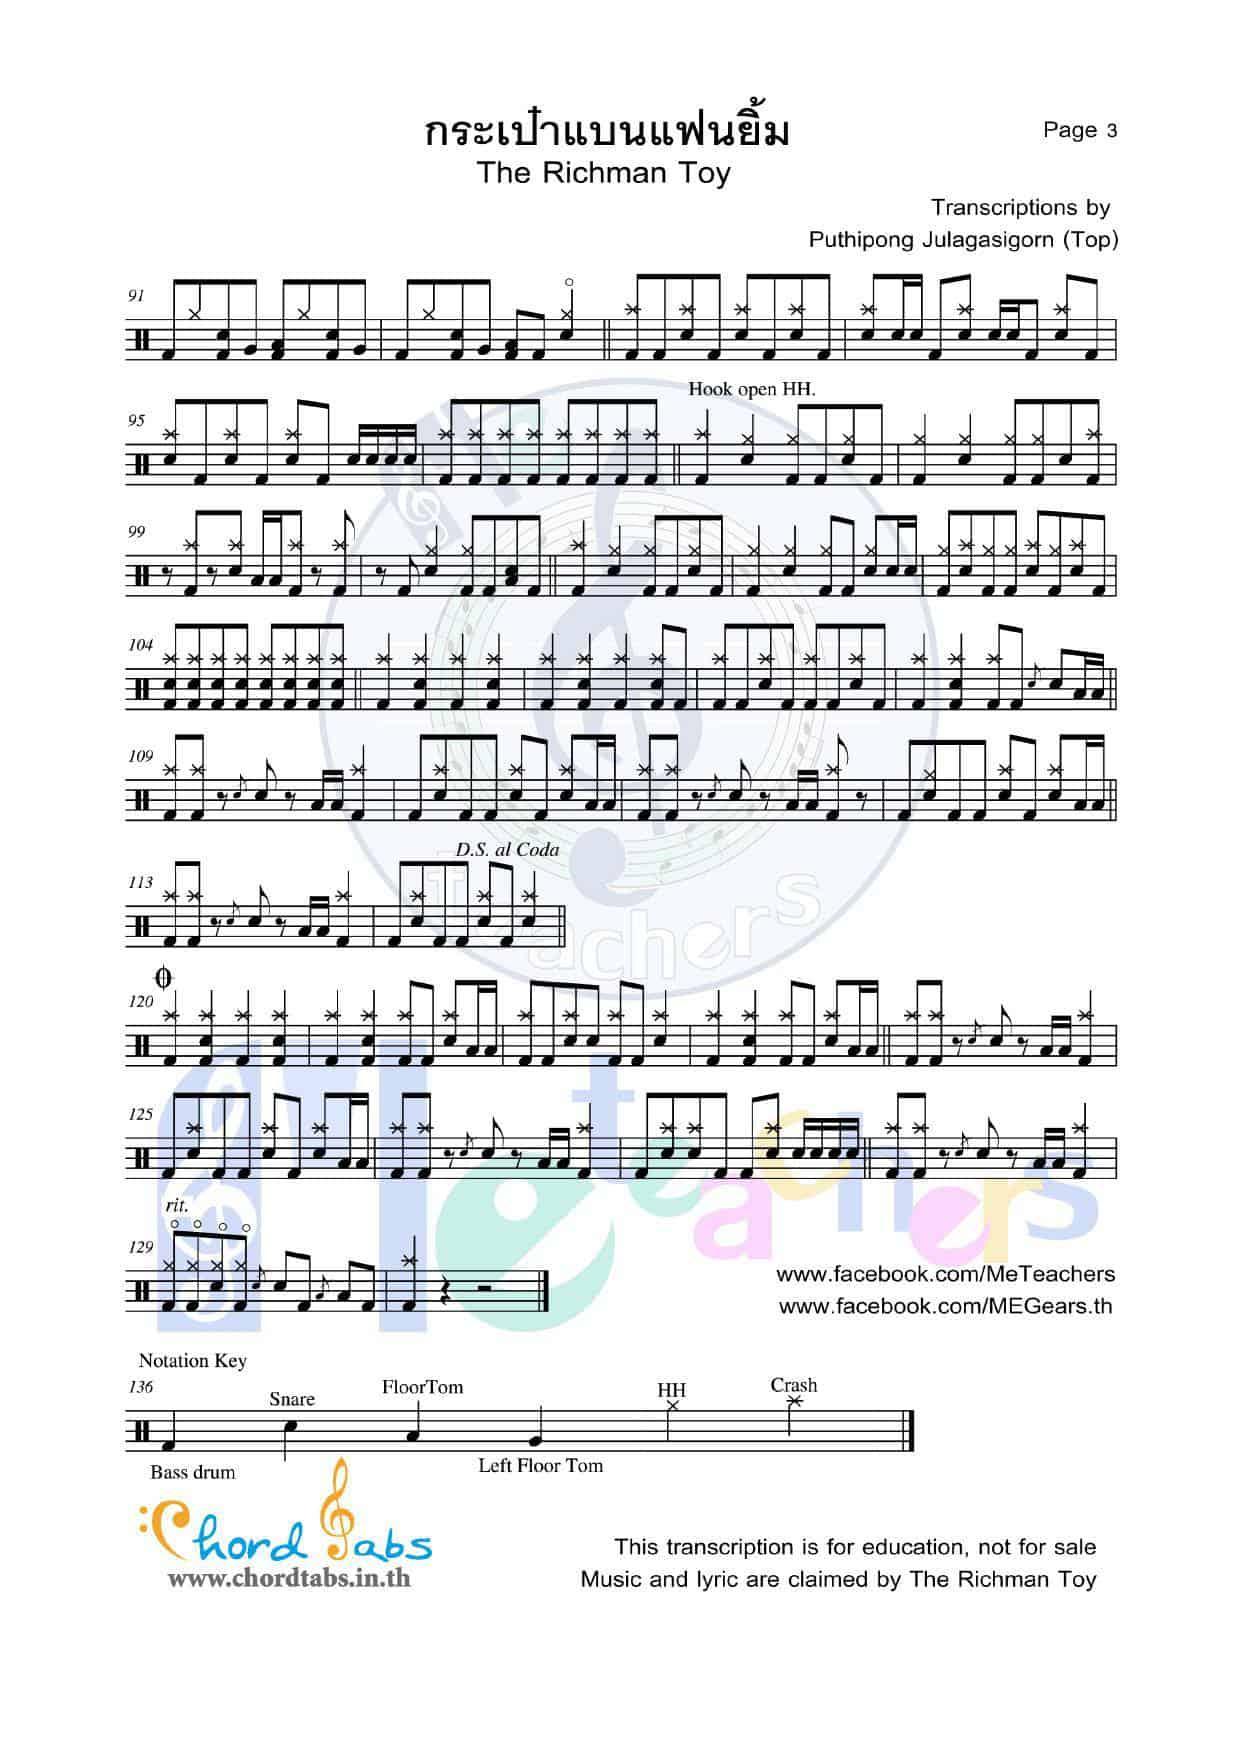 โน๊ตกลองเพลง กระเป๋าแบนแฟนยิ้ม The Rich Man Toy Page 3